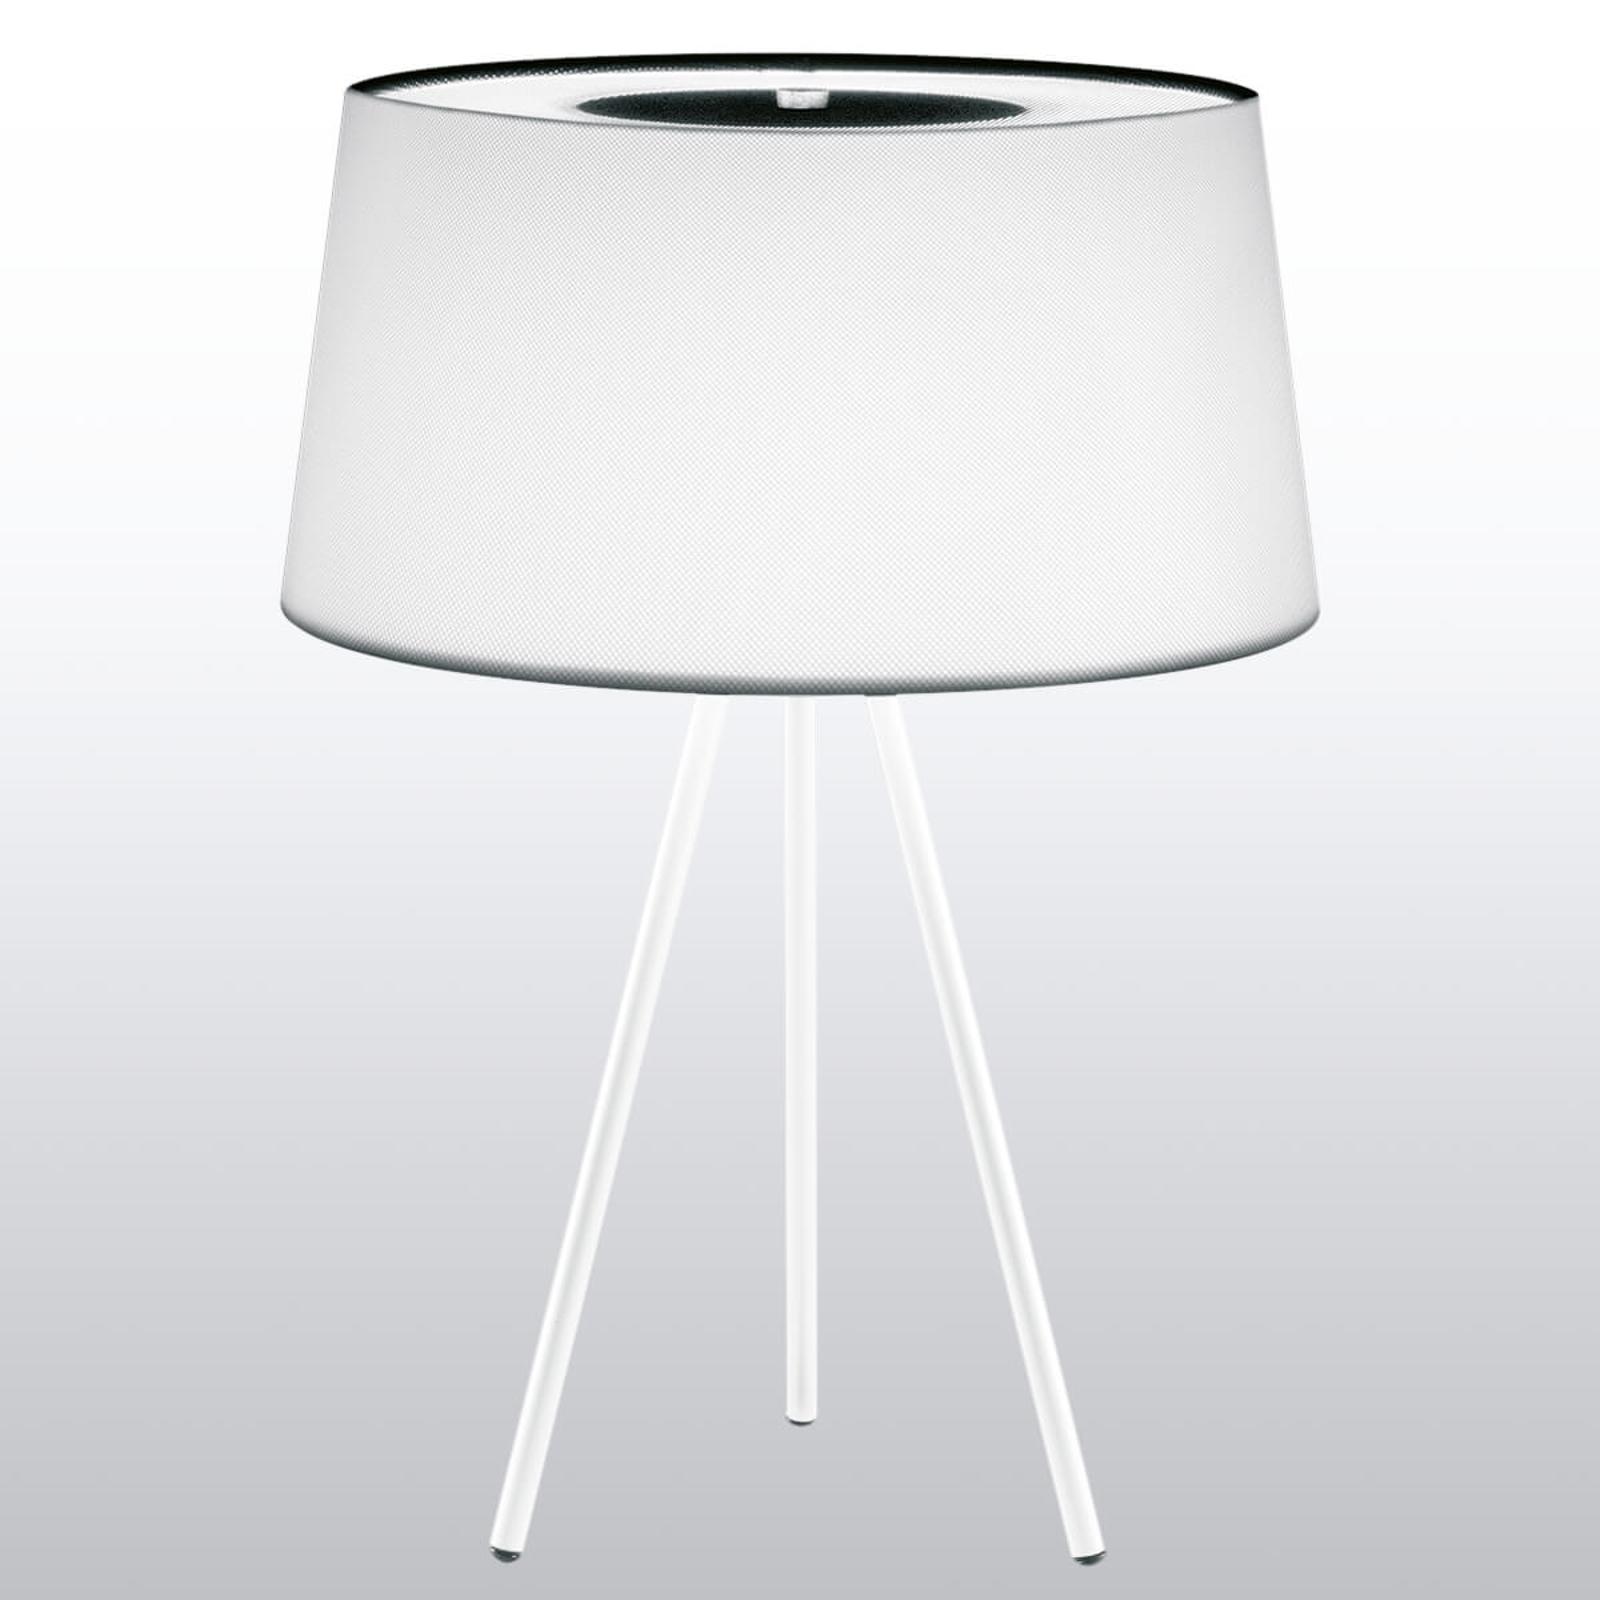 Edel bordlampe Tripod hvit/ hvit fot